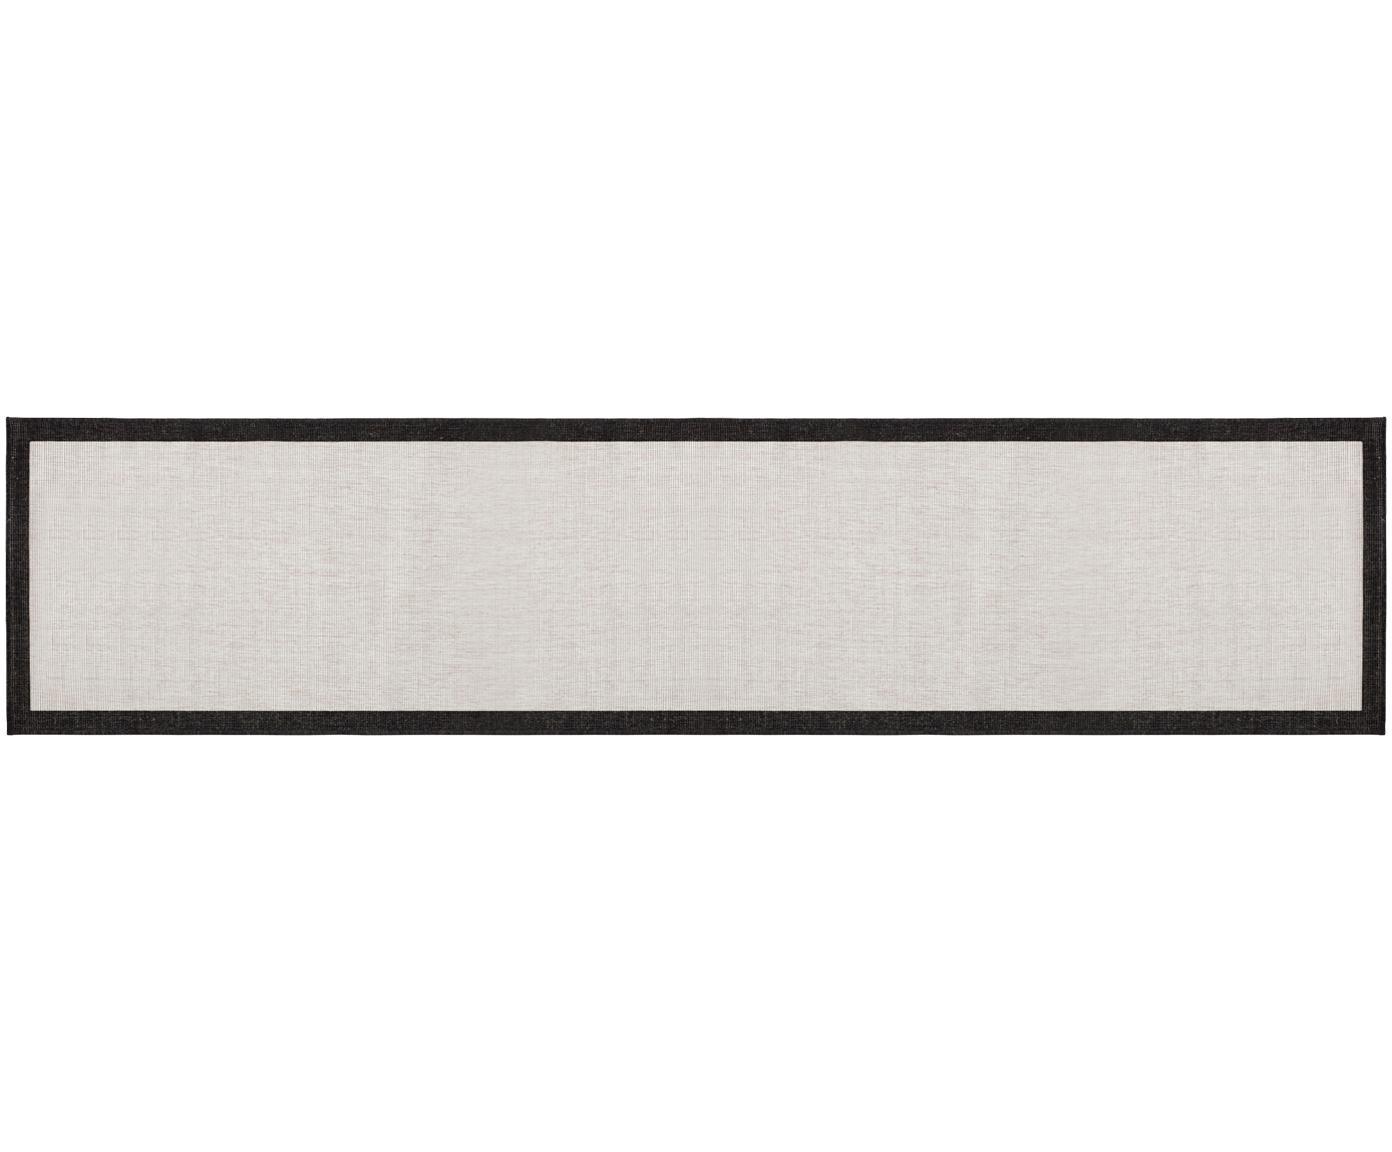 Dubbelzijdige in- & outdoor loper Panama, Zwart, crèmekleurig, 80 x 350 cm